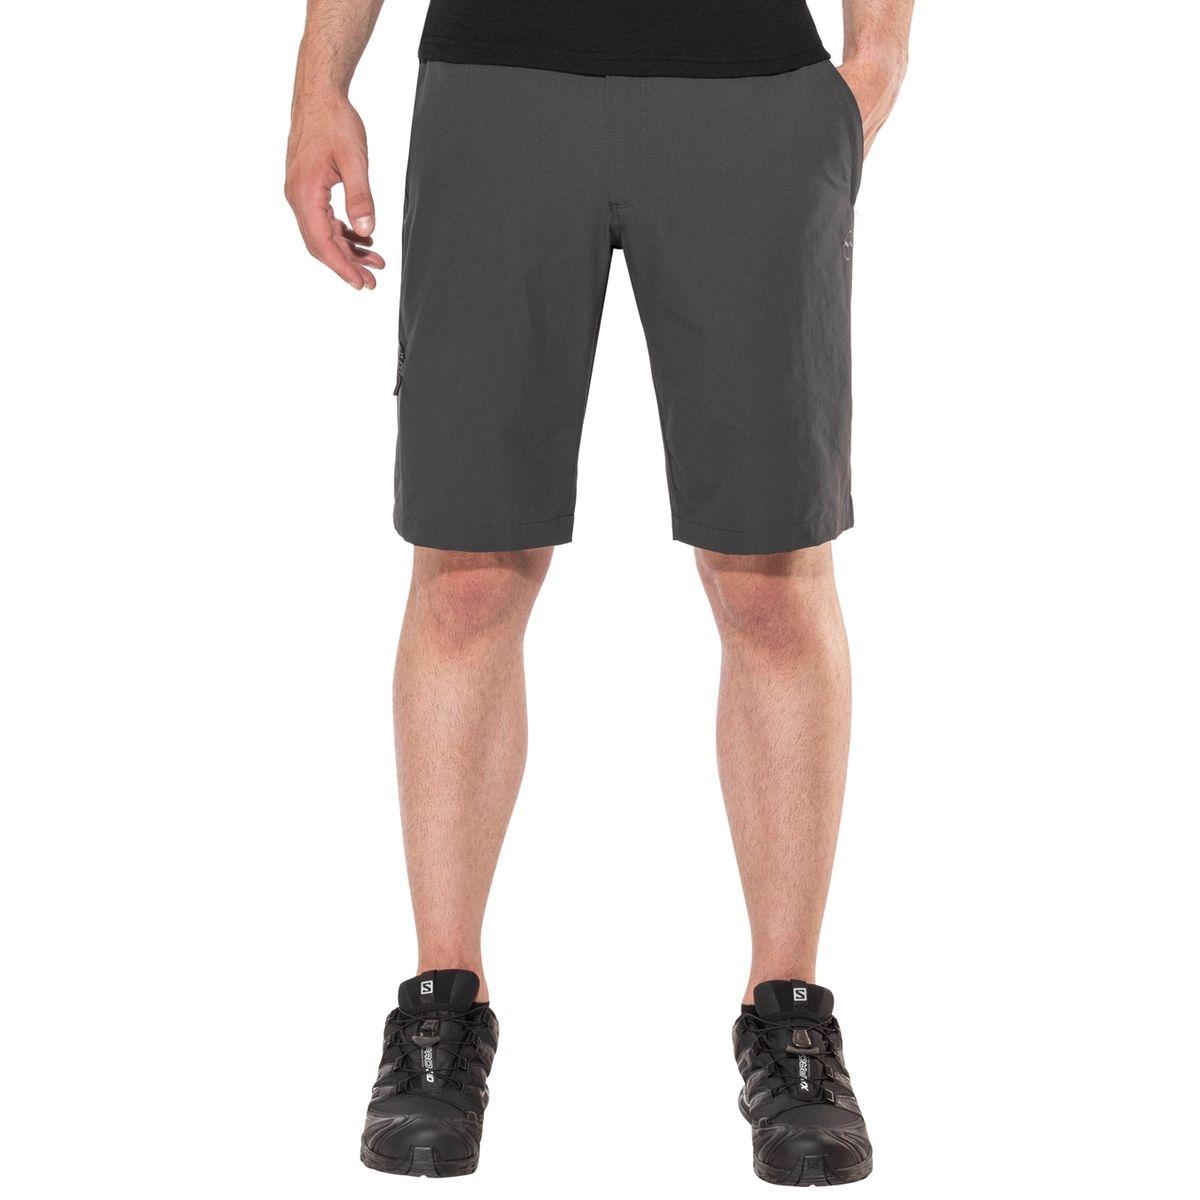 Chur 3 - Shorts Homme - gris